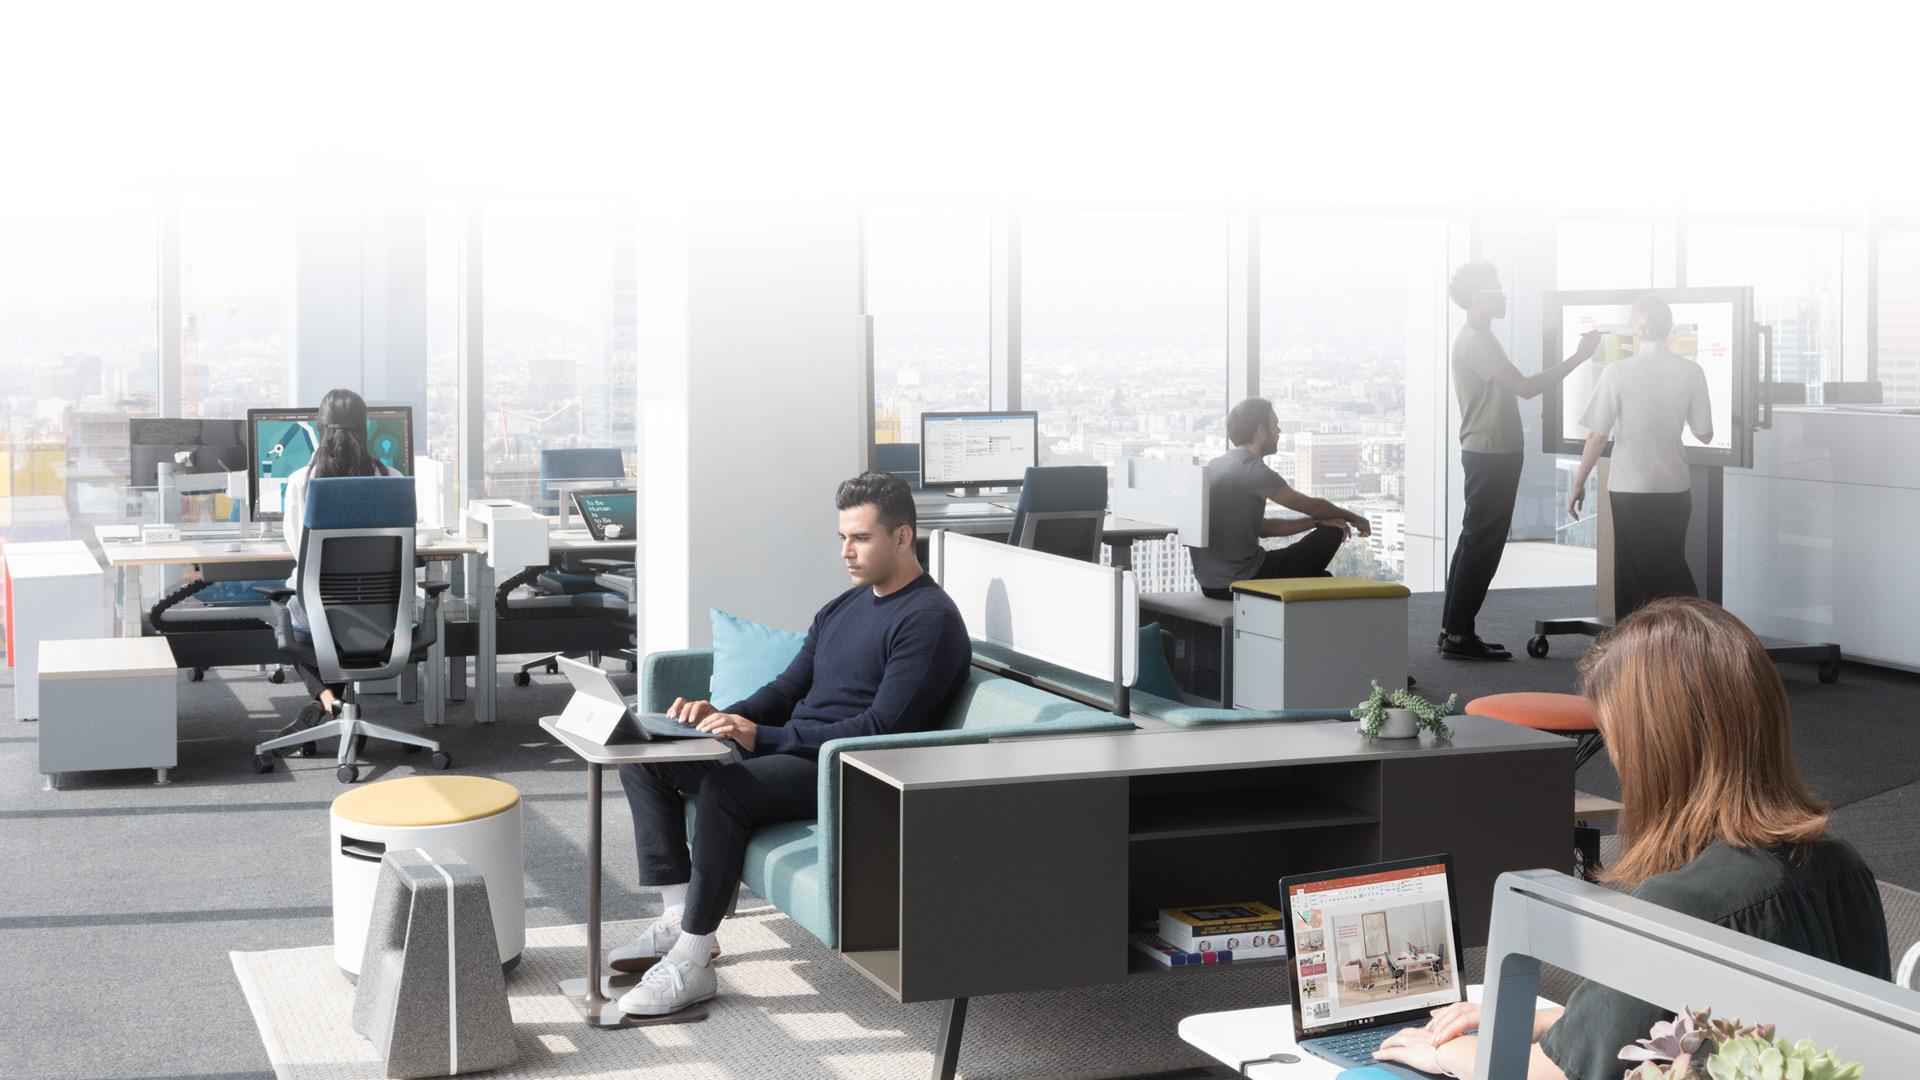 La gamme d'appareils Surface affichée sur un arrière-plan gris clair